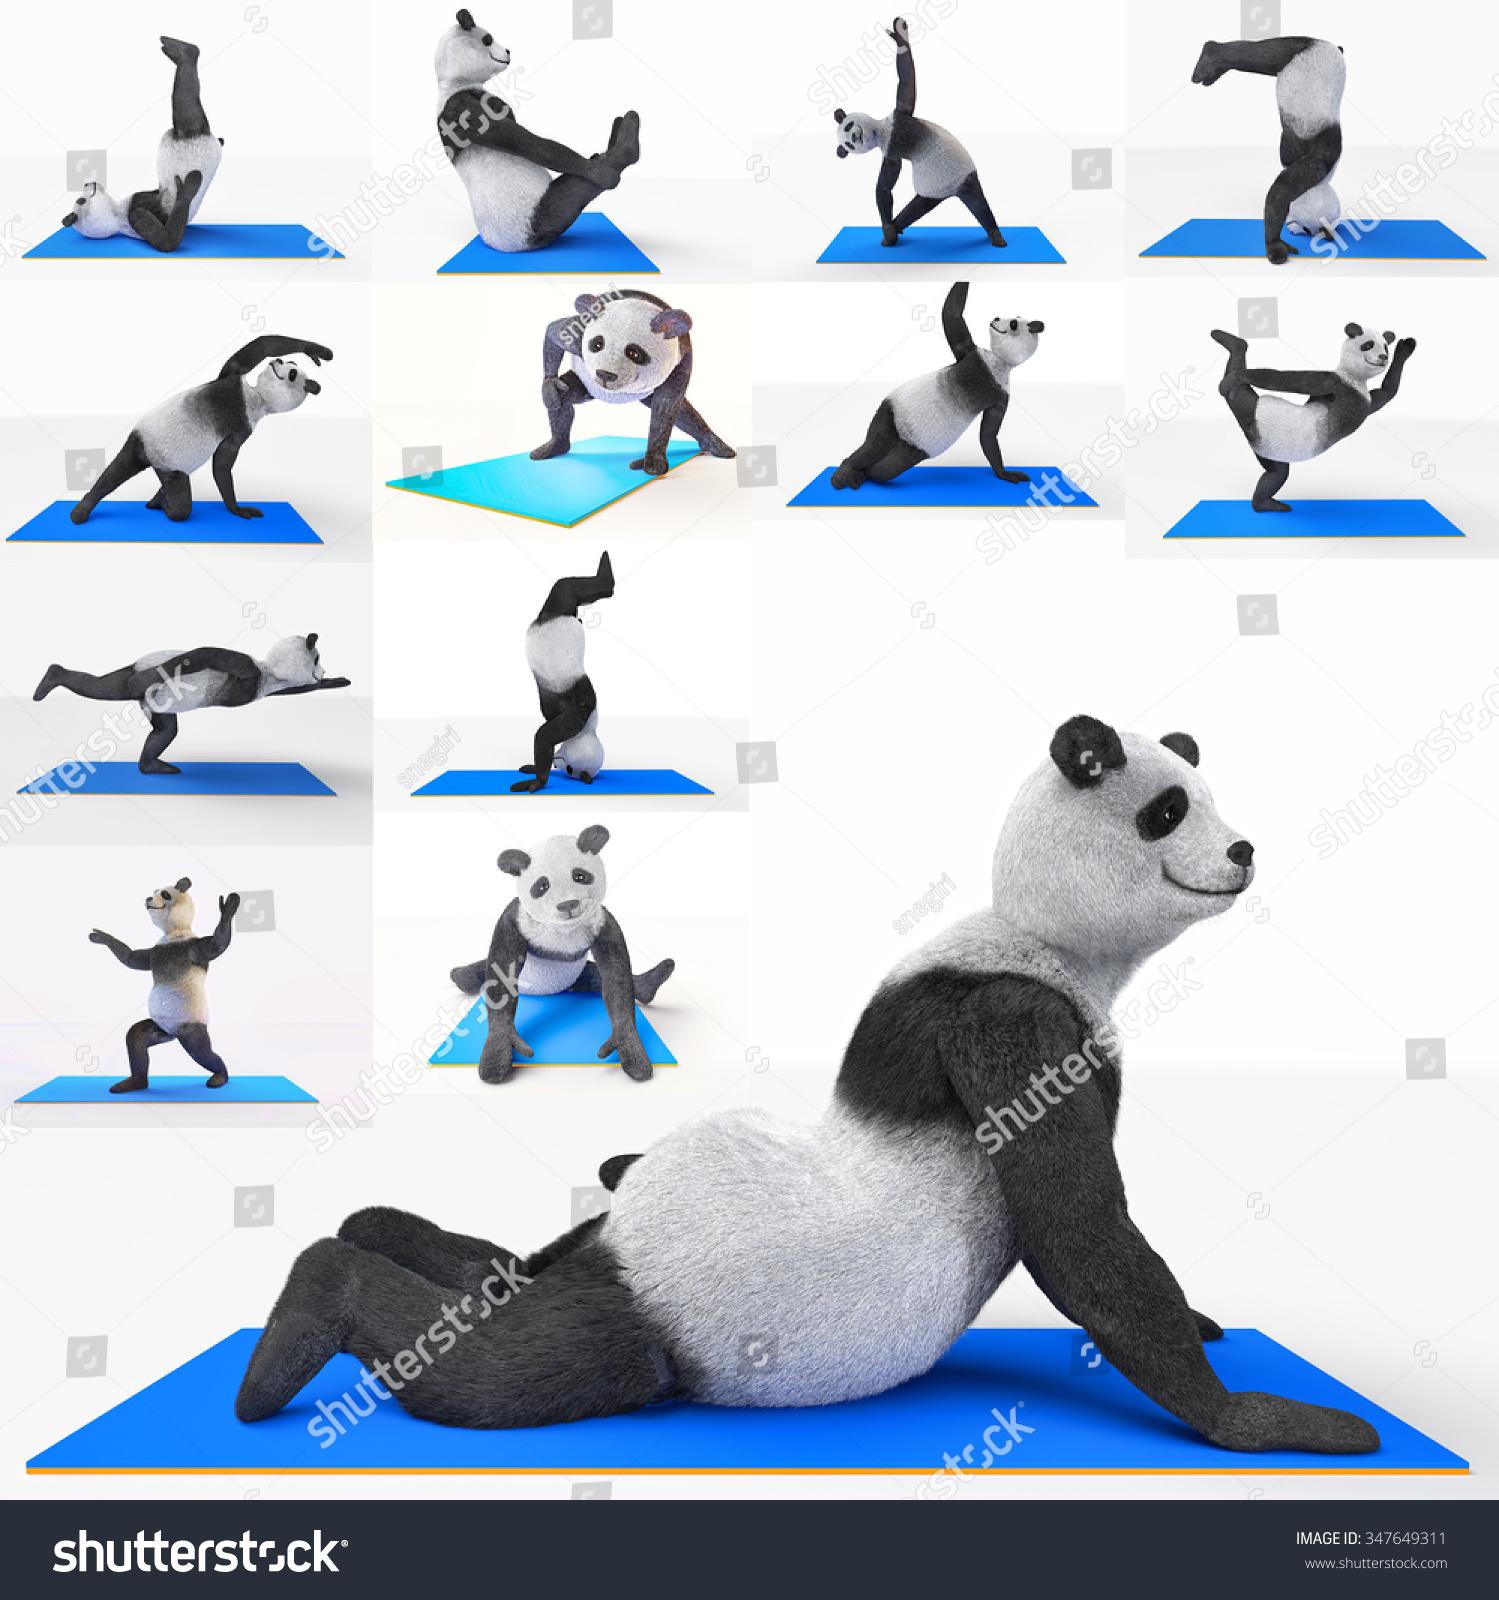 动物熊猫运动员运动员做瑜伽伸展运动